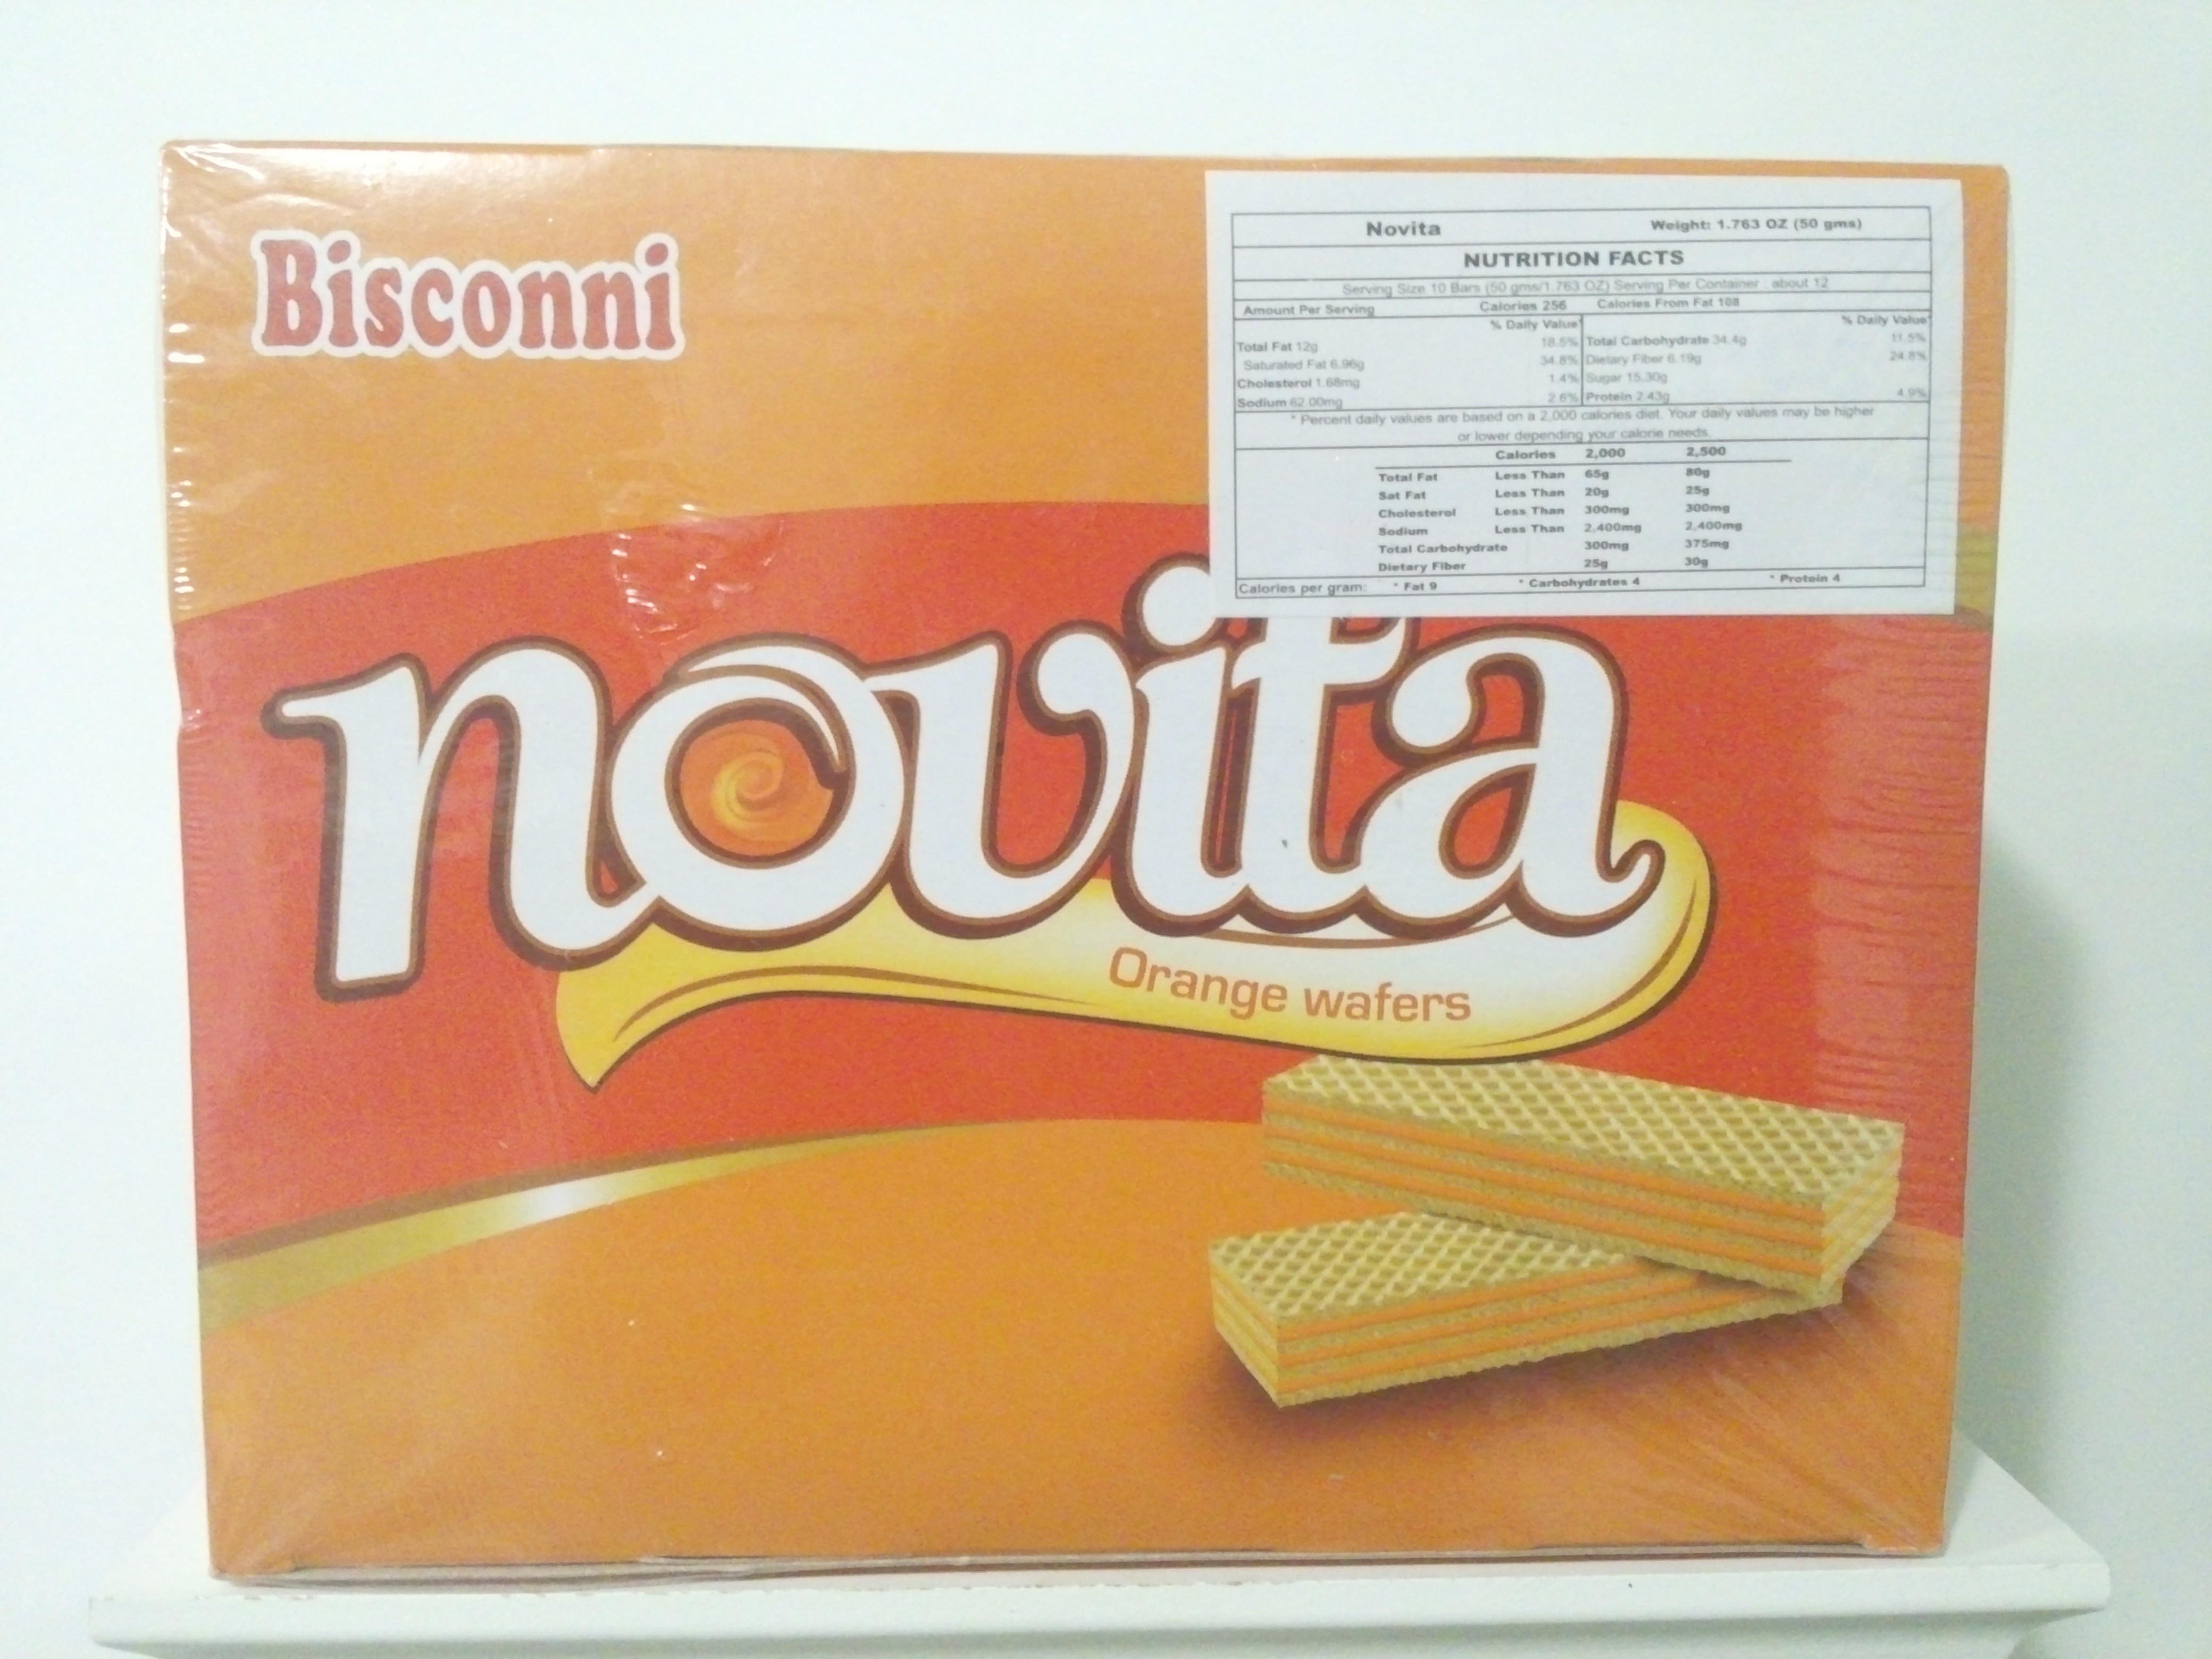 Bisconni Novita Orange Wafers 6 Pcs 1.8 oz